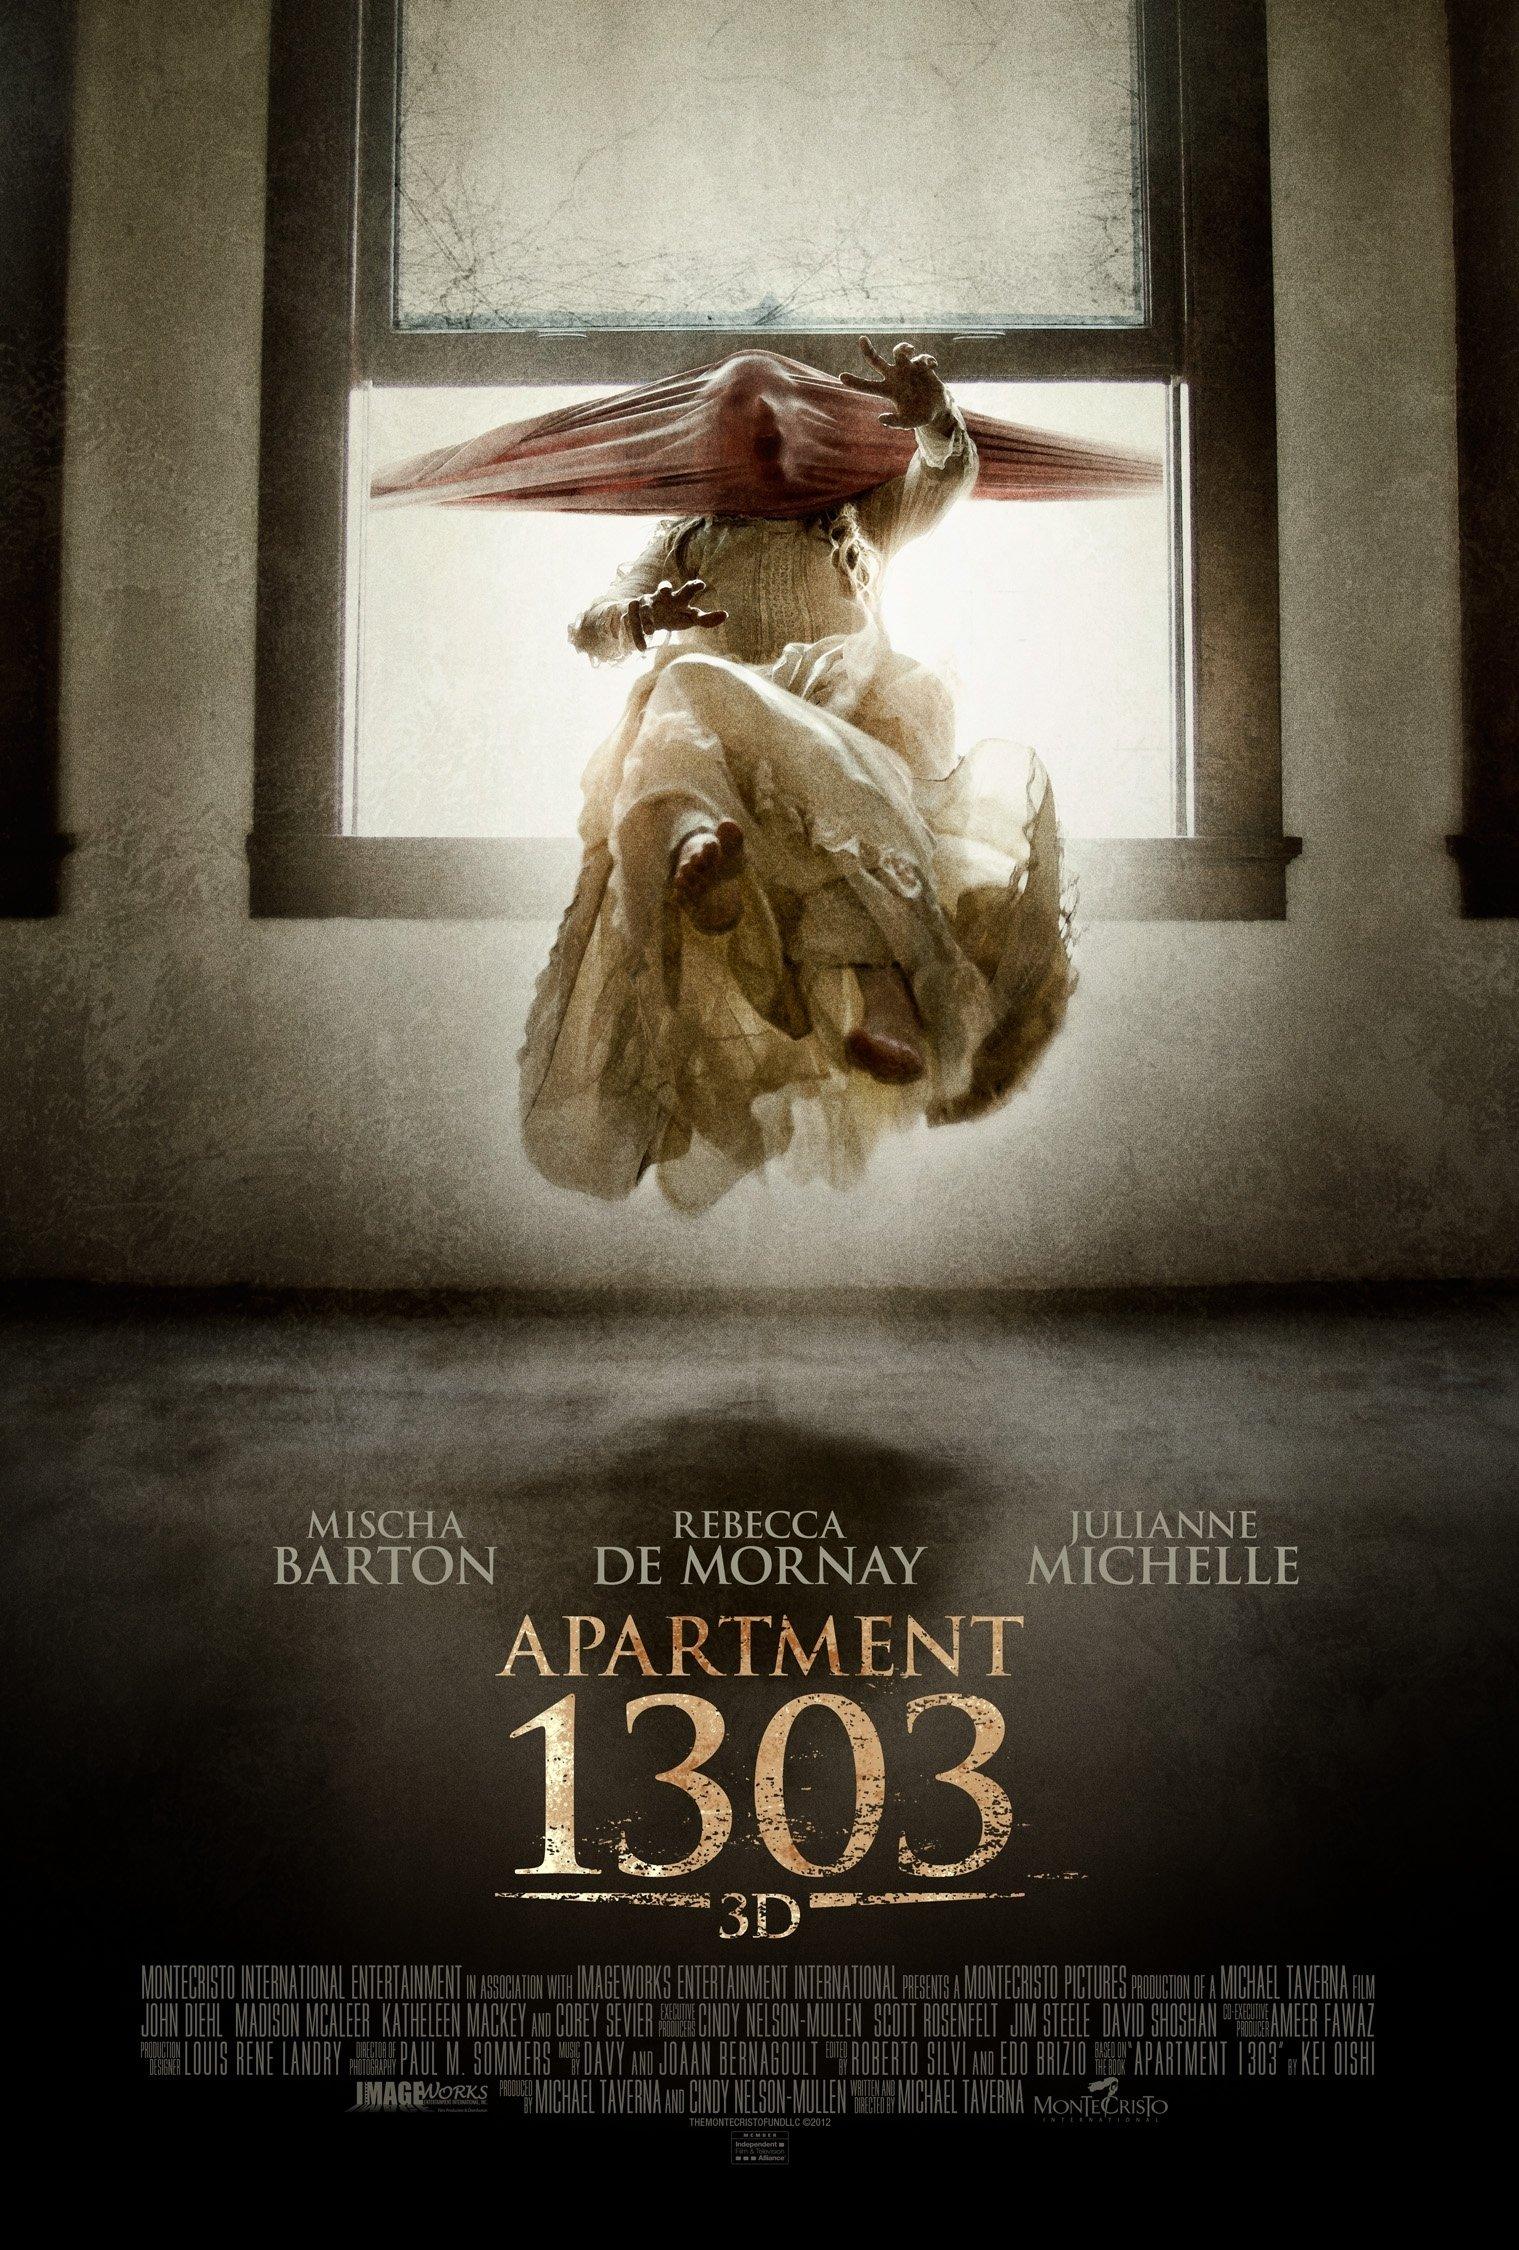 1303 BUTAS (2012) / APARTMENT 1303